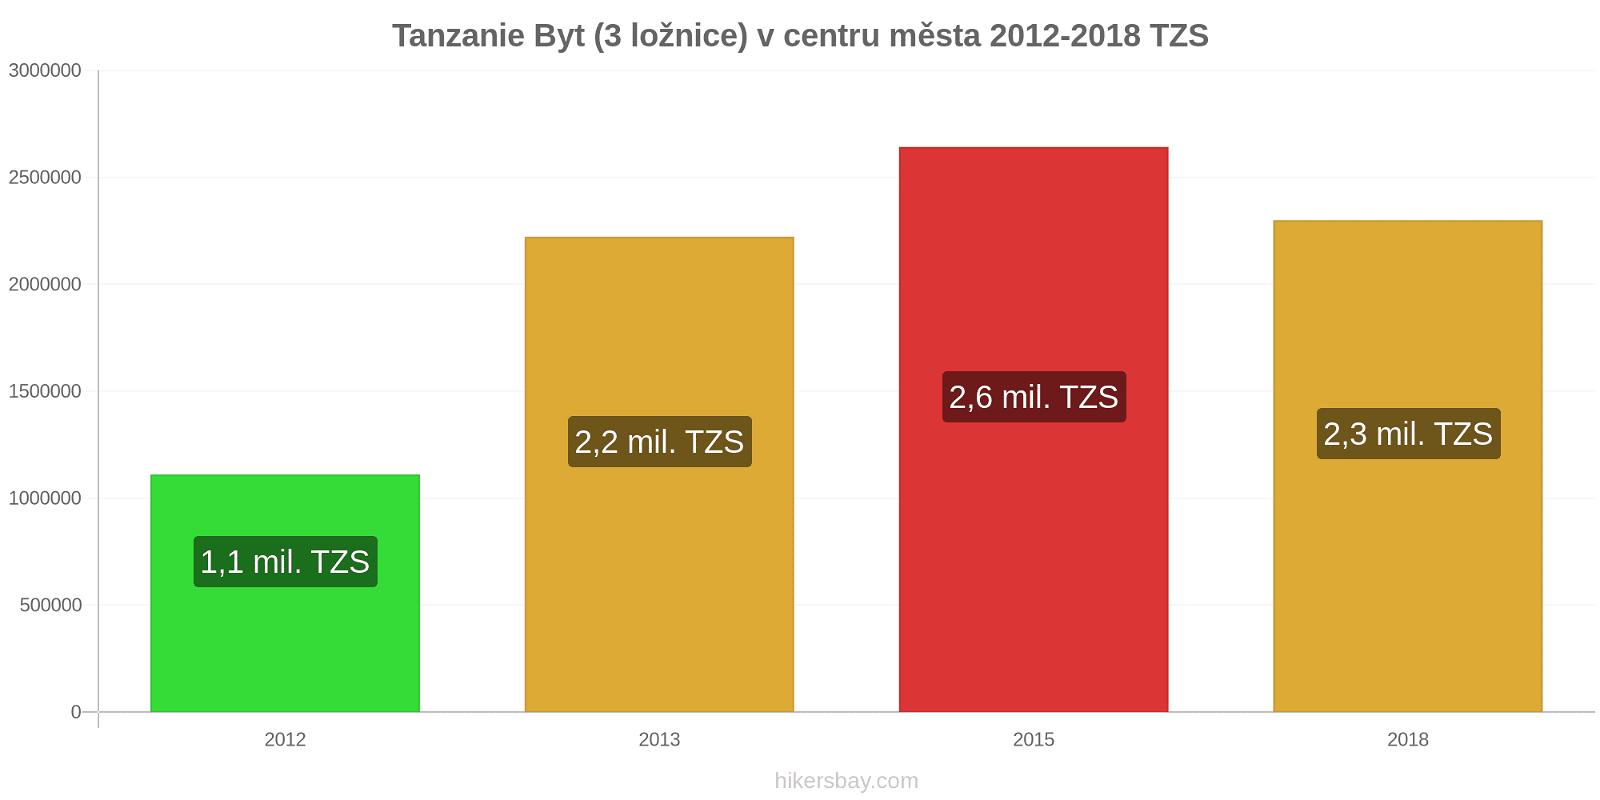 Tanzanie změny cen Byt (3 ložnice) v centru města hikersbay.com